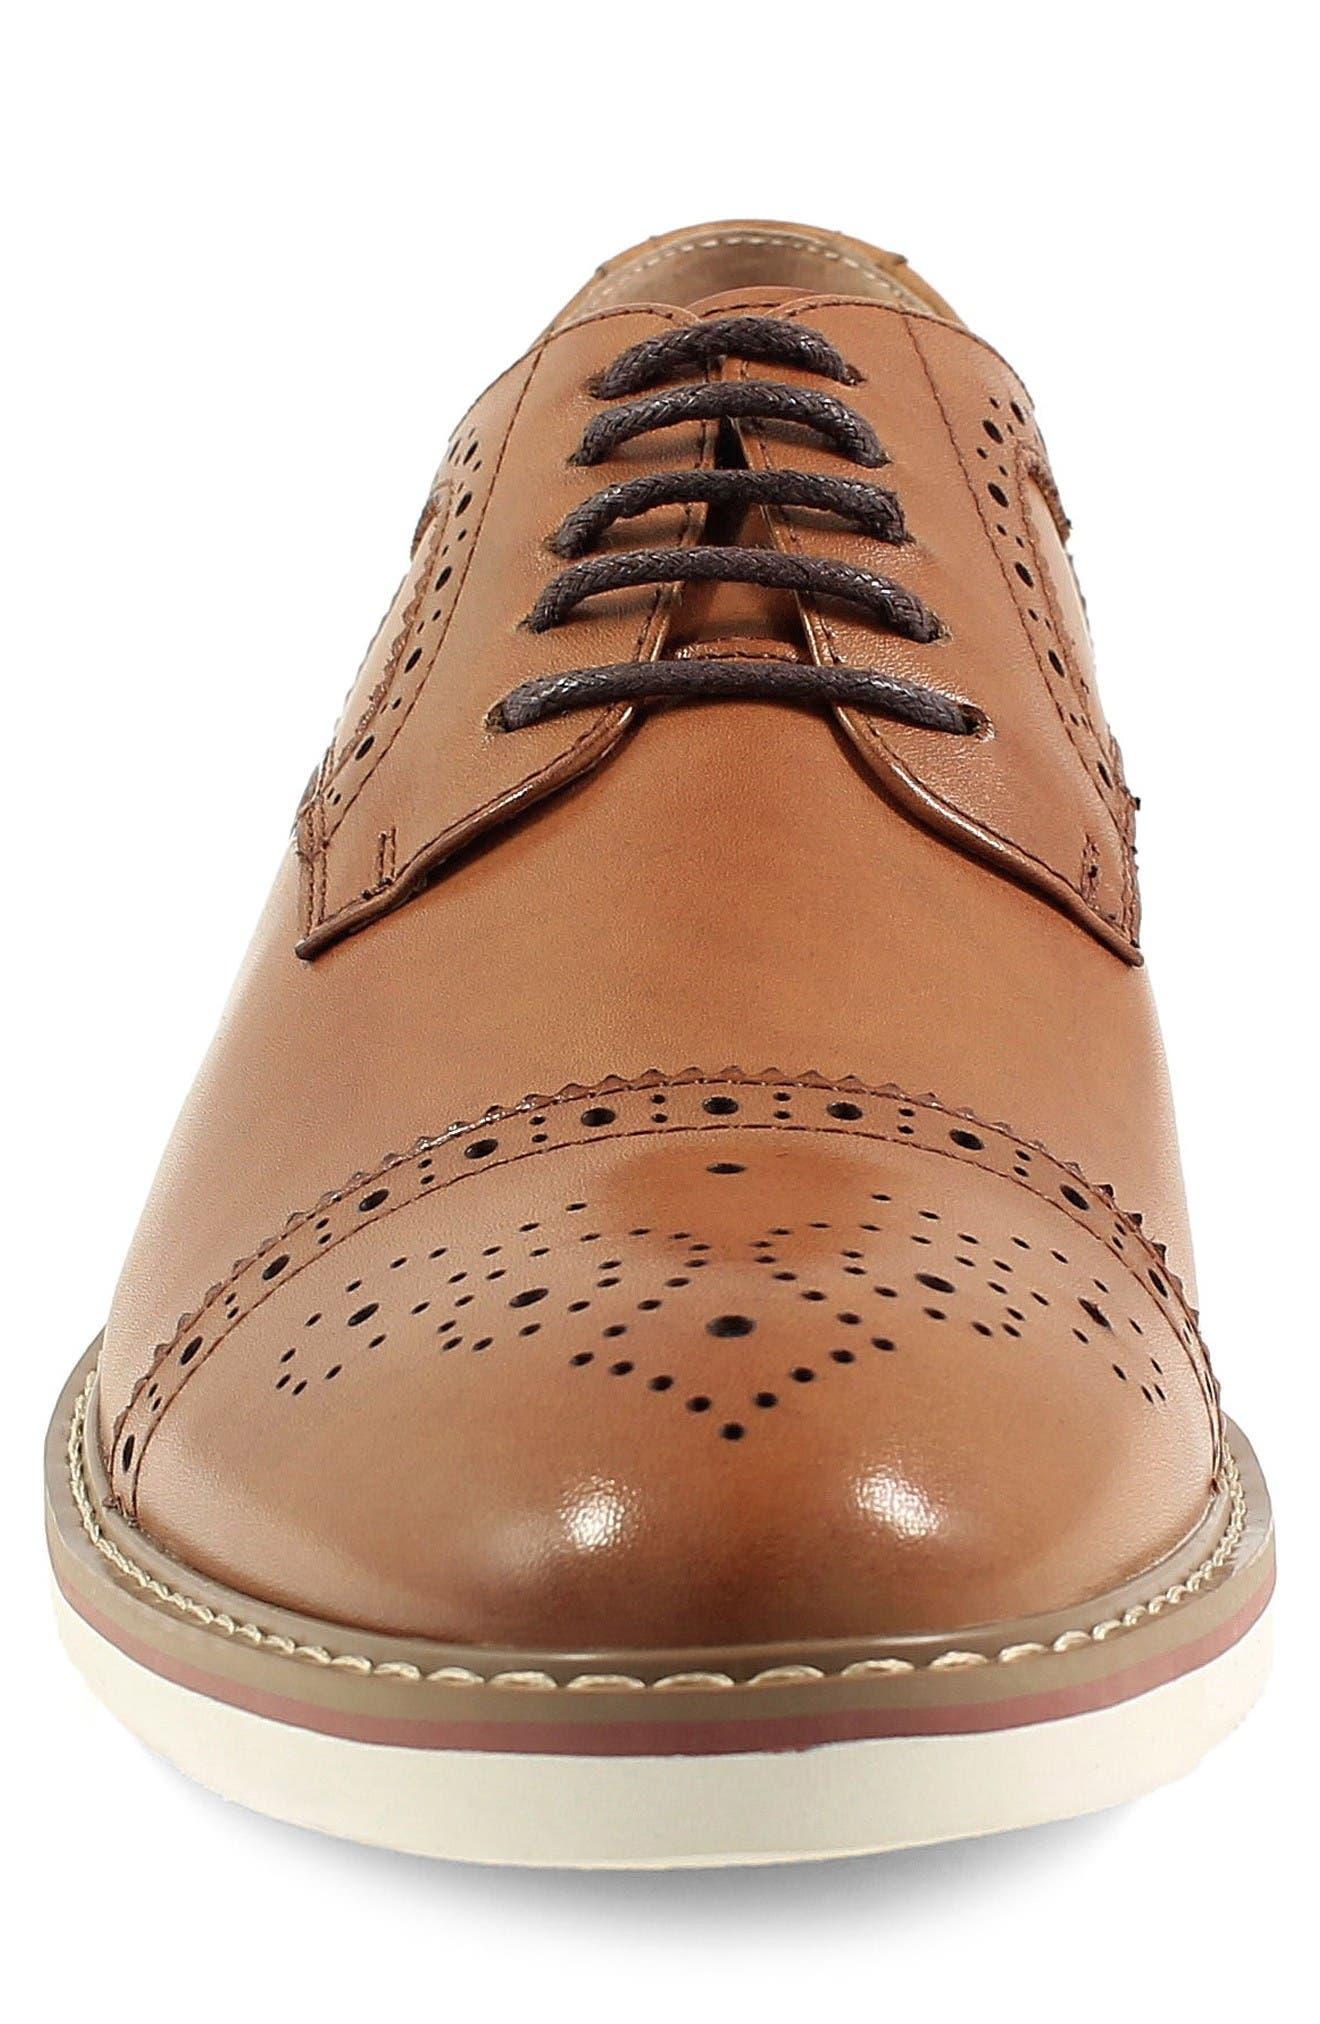 Union Medallion Toe Derby,                             Alternate thumbnail 4, color,                             Cognac Leather